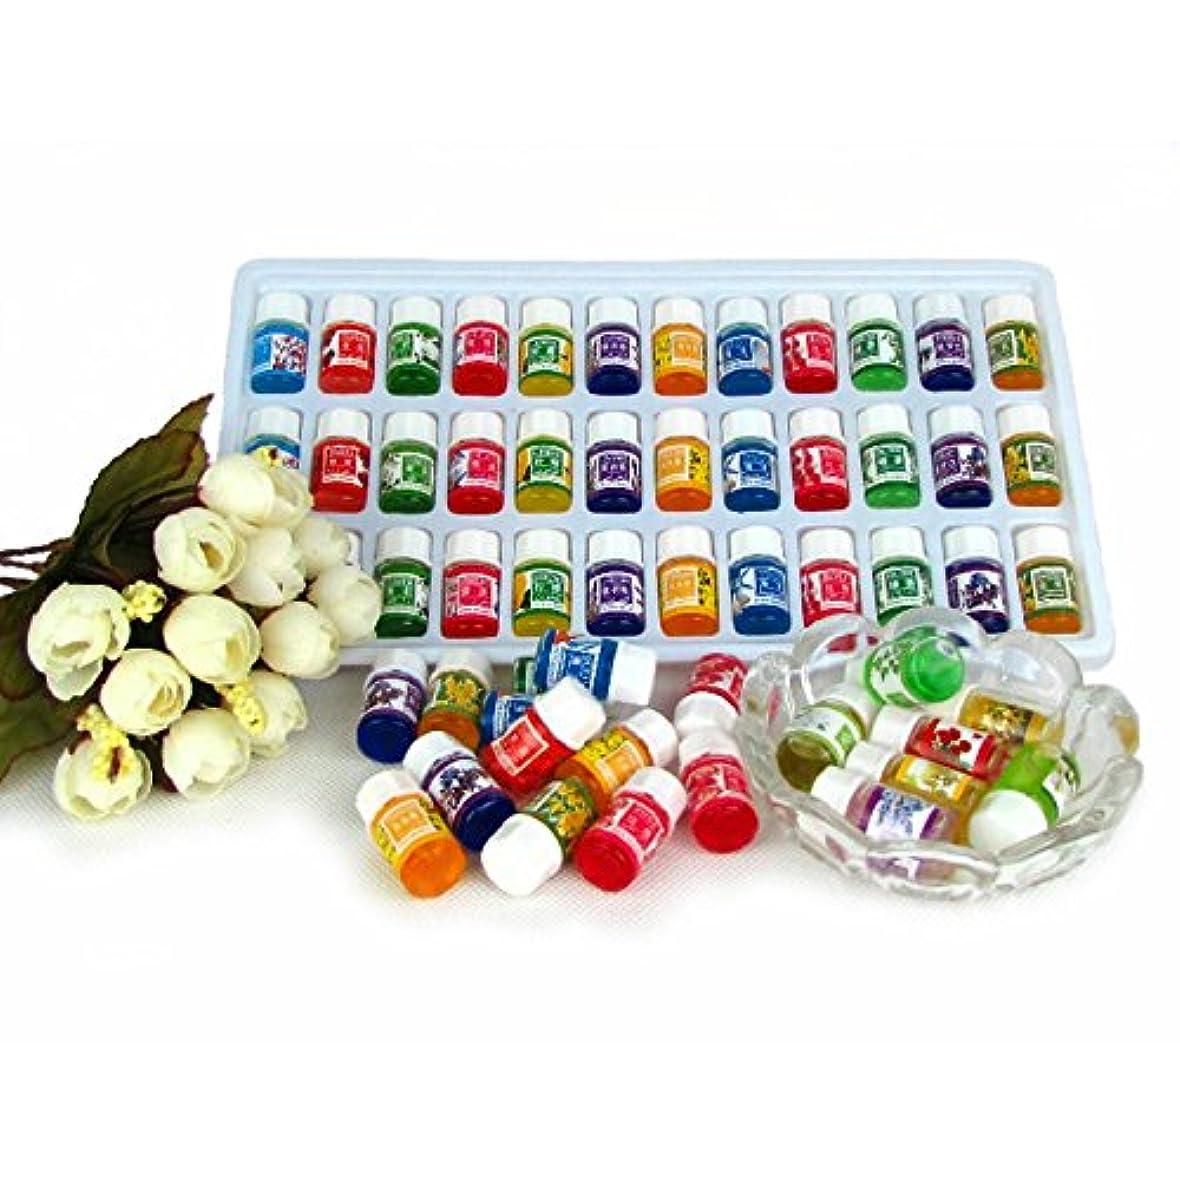 出口受け皿補助金Hongch ピュアラベンダーエッセンシャルオイル 毎日パックセット ナチュラル36pcs / lot 水溶性 12種類の香り 毎日